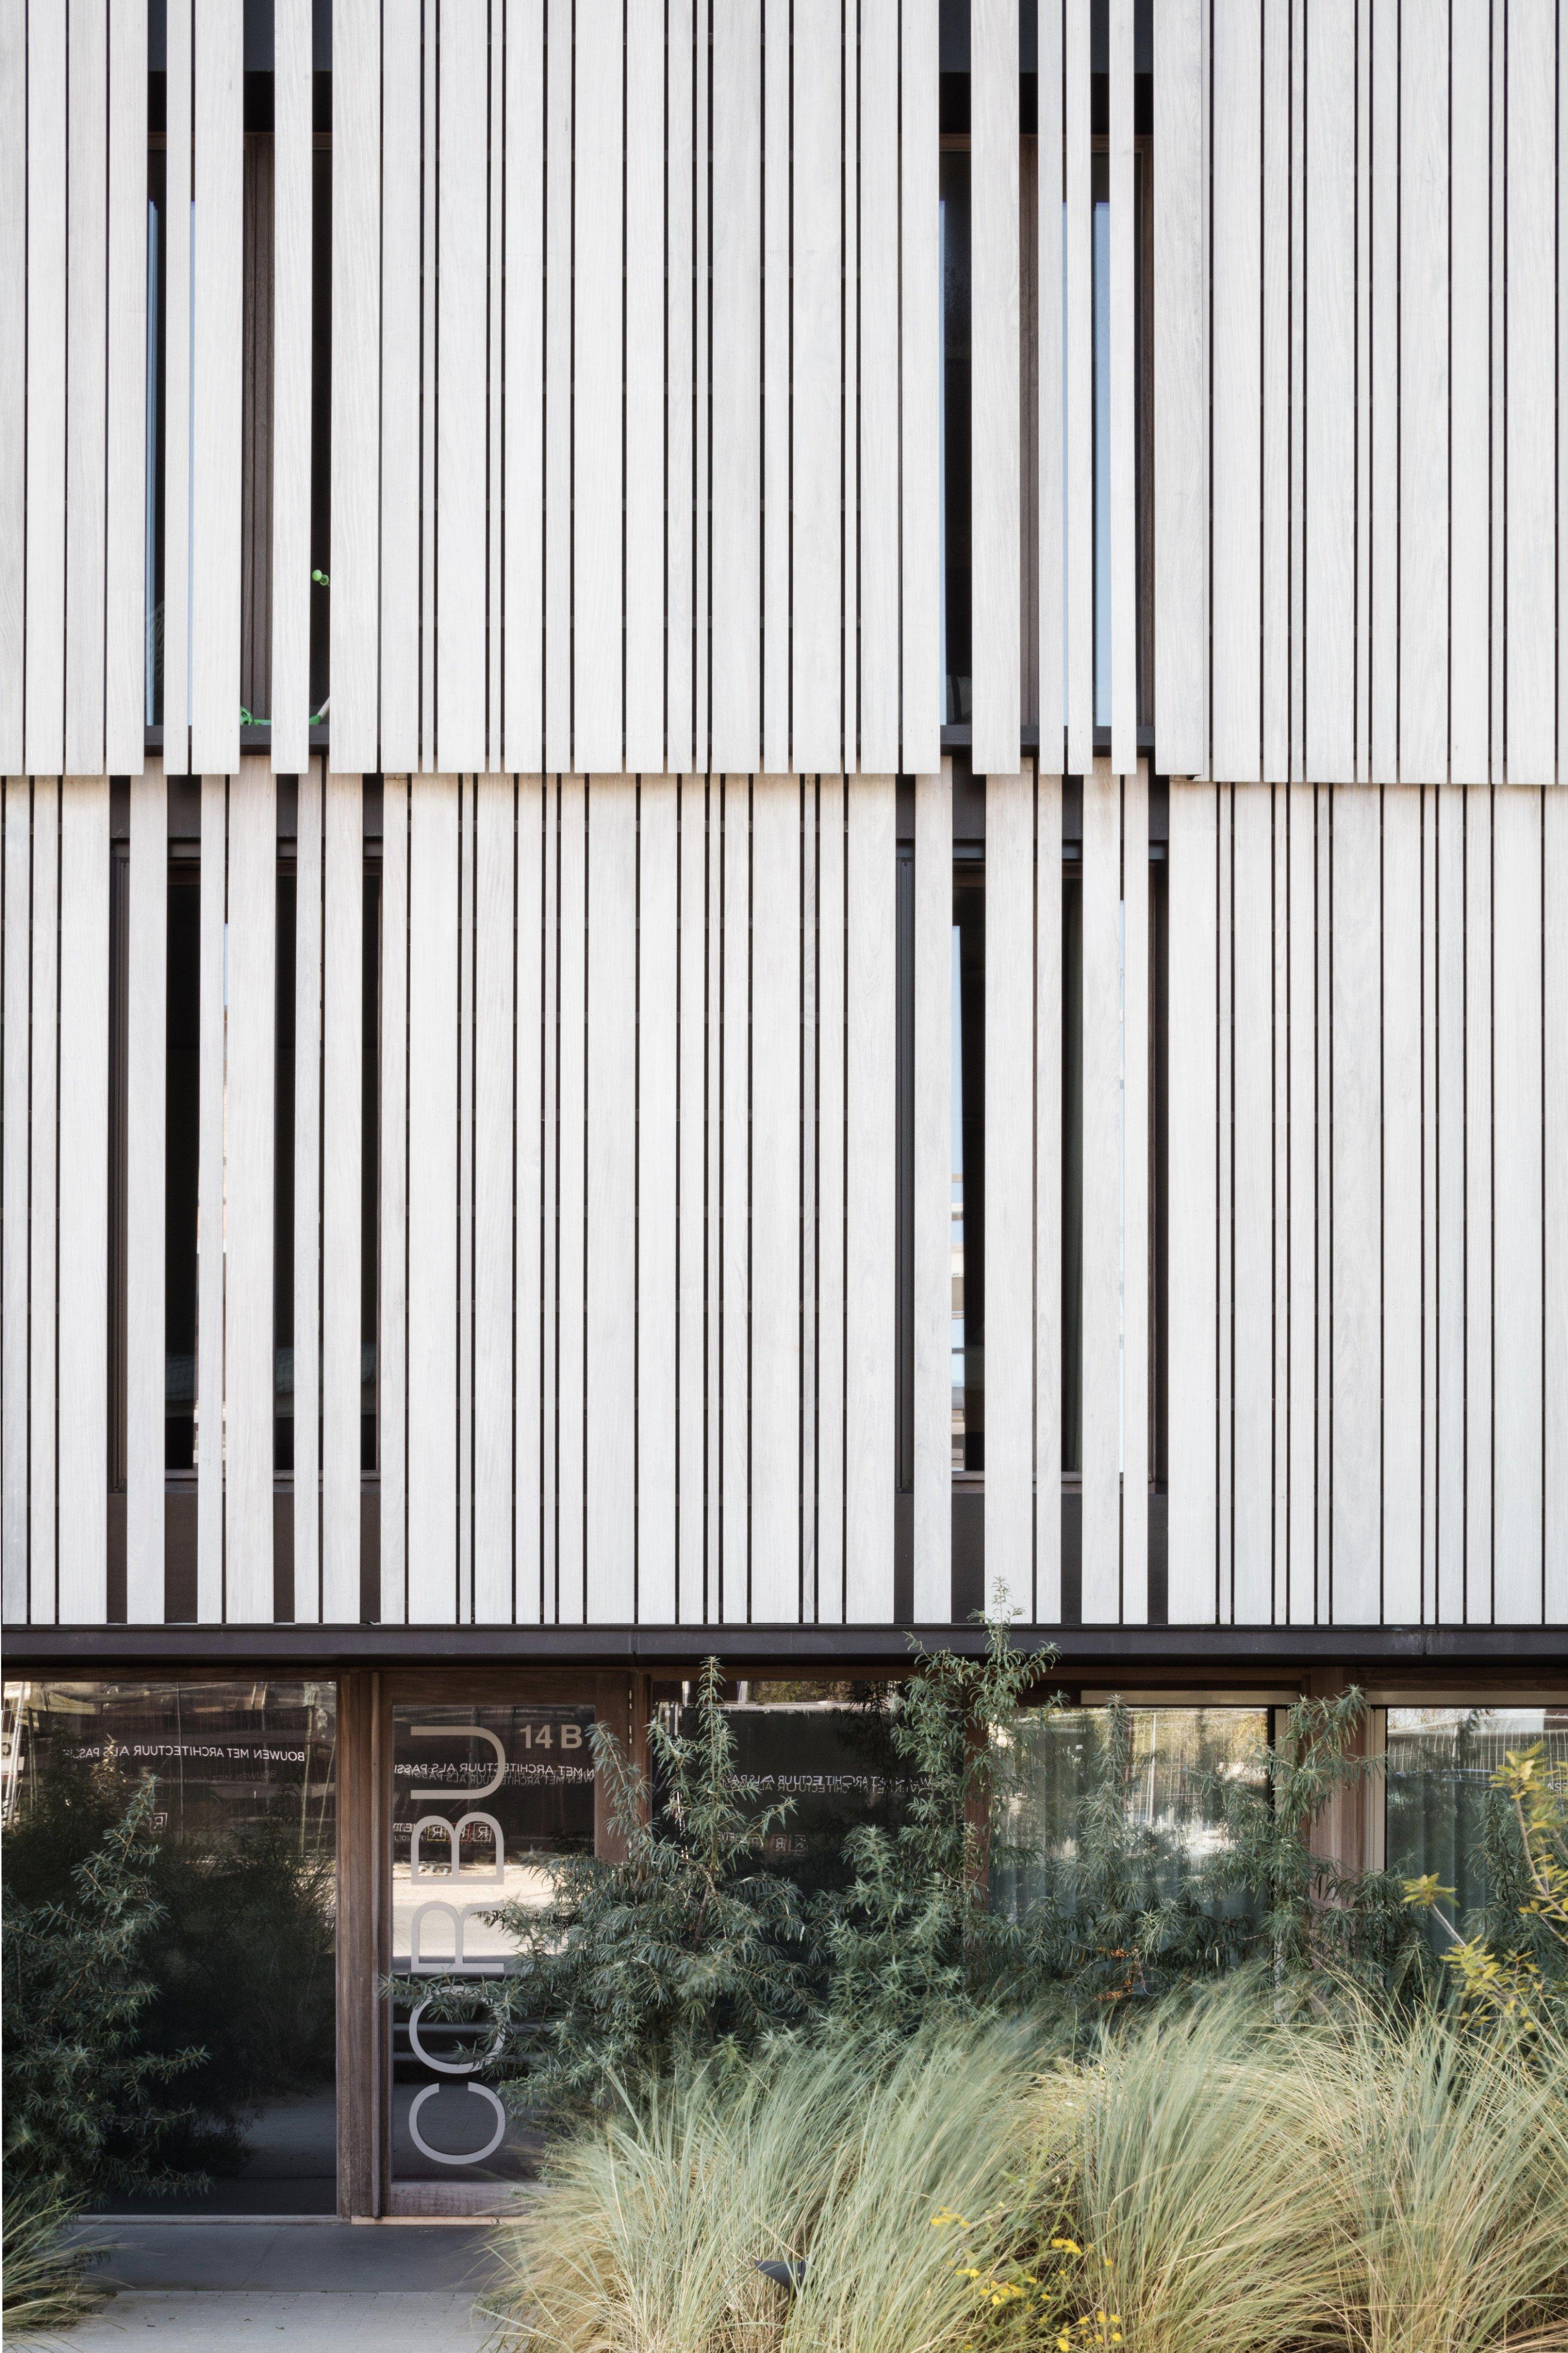 Rietveldprojects-Corbu-Koksijde-Fototimvandevelde3.jpg